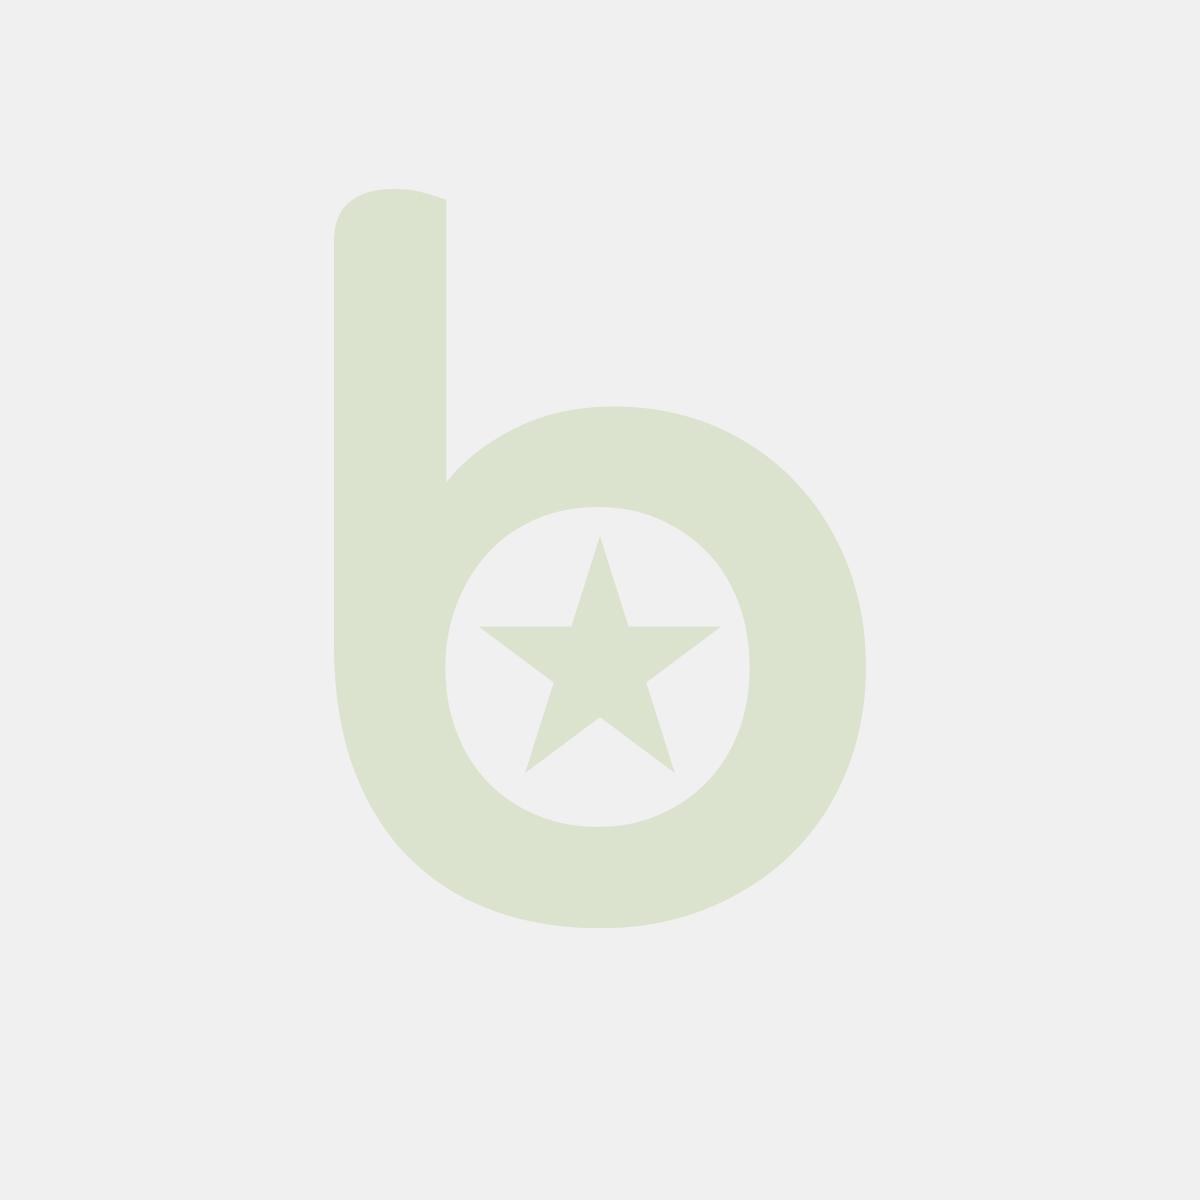 Patelnia indukcyjna Profi Line aluminiowa powlekana tytanem fi 320 mm - kod 629345